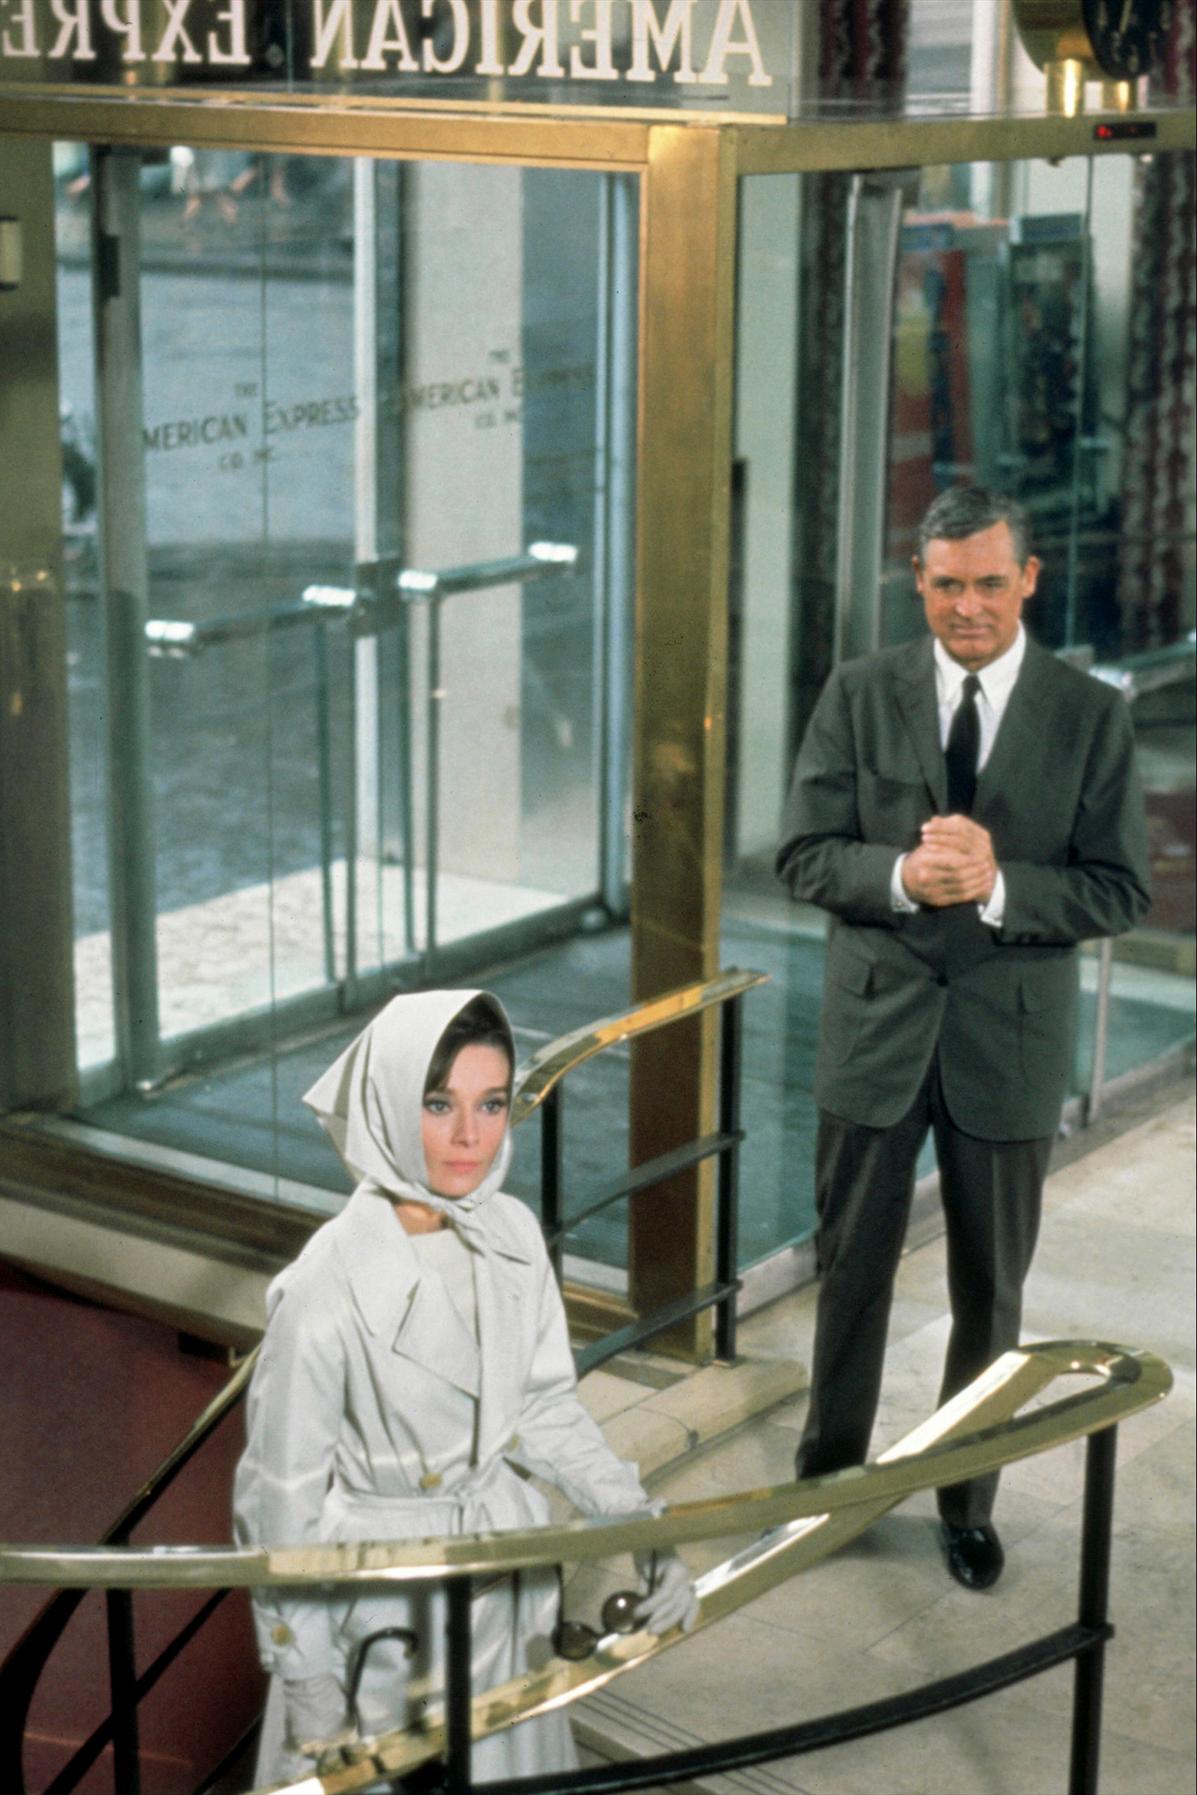 """Zur ARTE-Sendung Ein Abend mit Cary Grant Charade 1908114: Peter Joshua (Cary Grant) scheint nicht der ehrliche und hilfsbereite Mann zu sein, für den er sich ausgibt. Die junge Witwe Reggie (Audrey Hepburn) nimmt ihr Schicksal selbst in die Hand und spioniert ihm nach, um die Wahrheit über ihn herauszufinden. © NBC/Universal Foto: ZDF Honorarfreie Verwendung nur im Zusammenhang mit genannter Sendung und bei folgender Nennung """"Bild: Sendeanstalt/Copyright"""". Andere Verwendungen nur nach vorheriger Absprache: ARTE-Bildredaktion, Silke Wölk Tel.: +33 3 881 422 25, E-Mail: bildredaktion@arte.tv"""